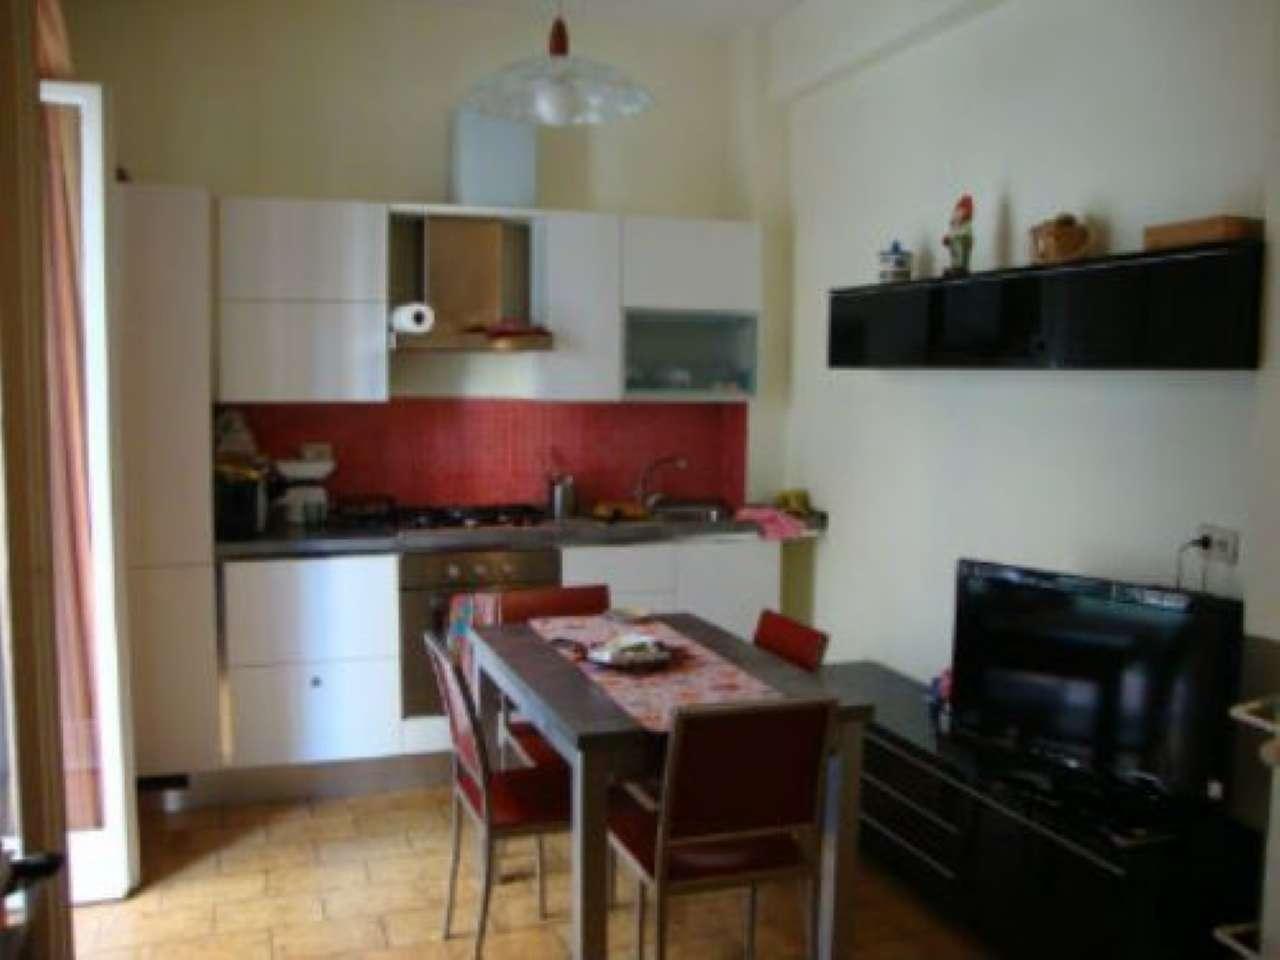 Appartamento in vendita a Roma, 2 locali, zona Zona: 20 . Marconi - Ostiense, prezzo € 205.000 | CambioCasa.it